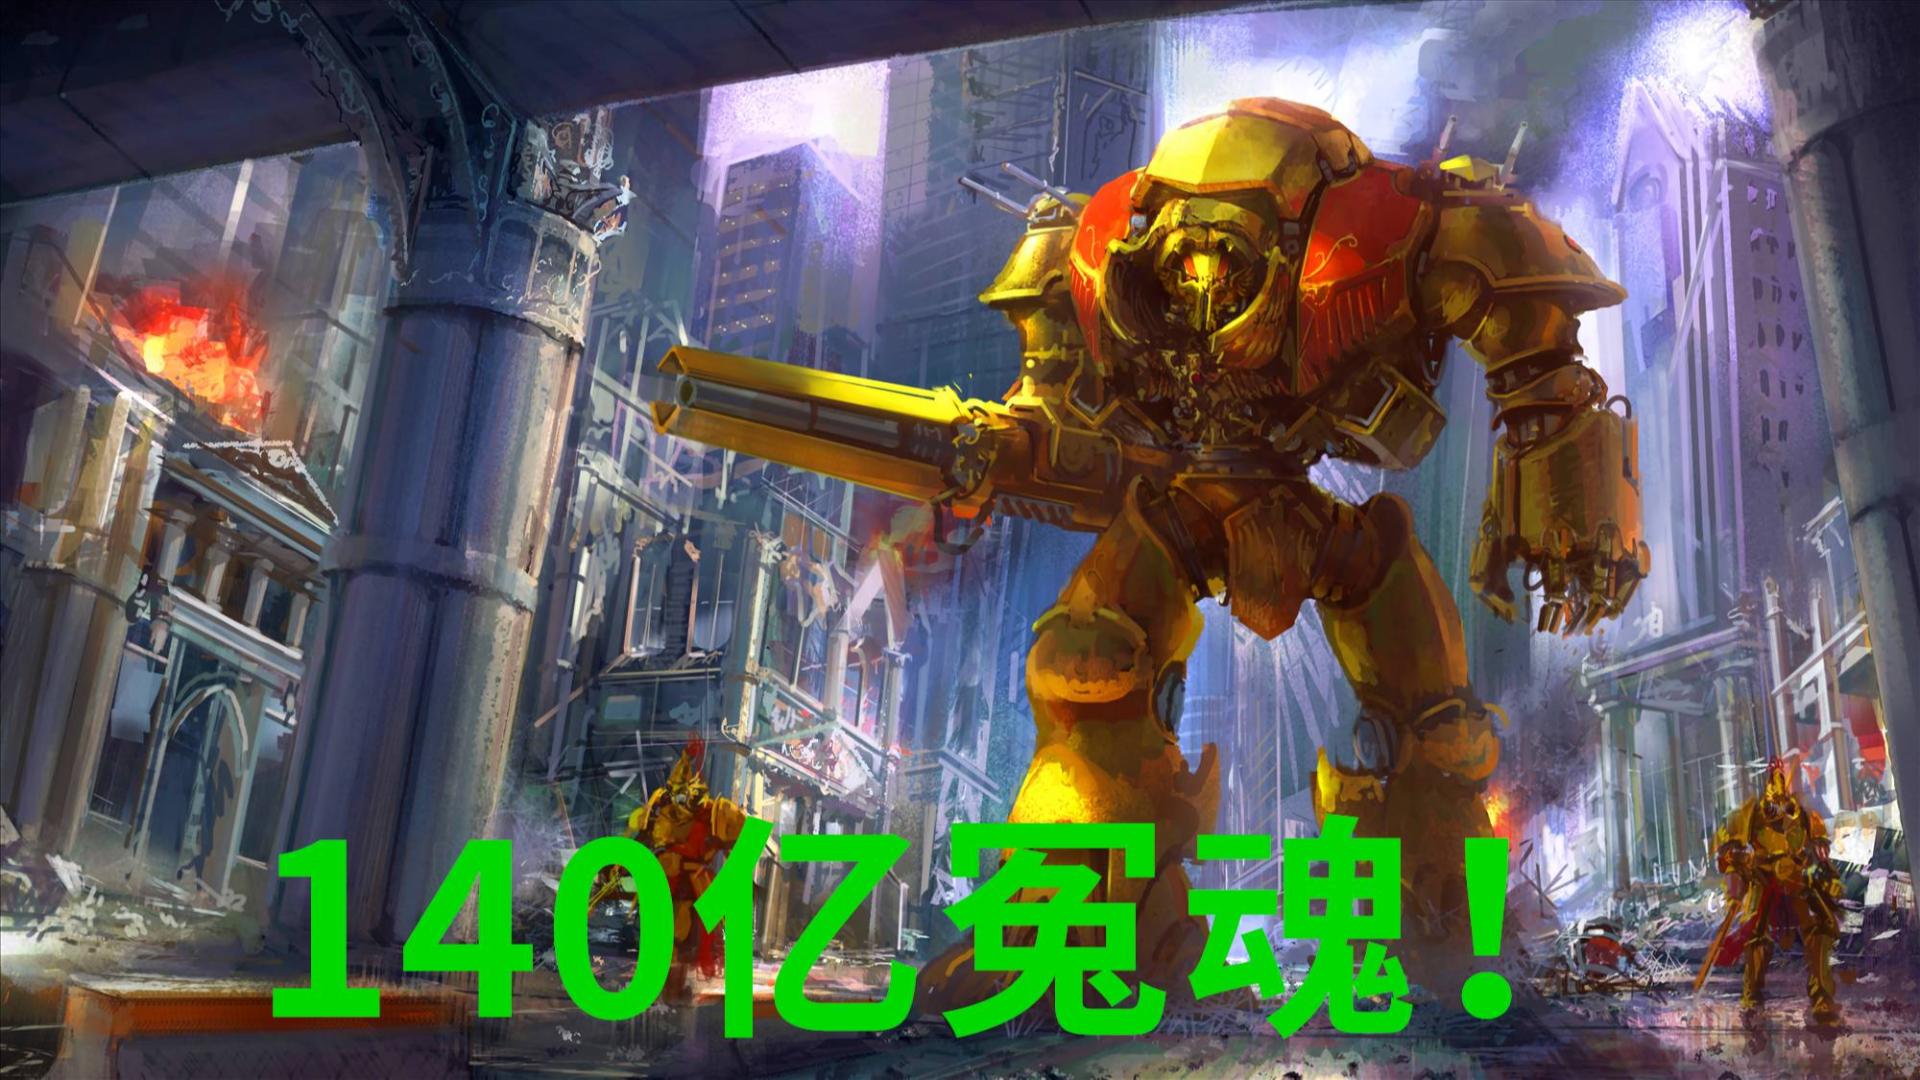 【战锤40K动画】140亿人瞬间蒸发!恐怖的行星杀手